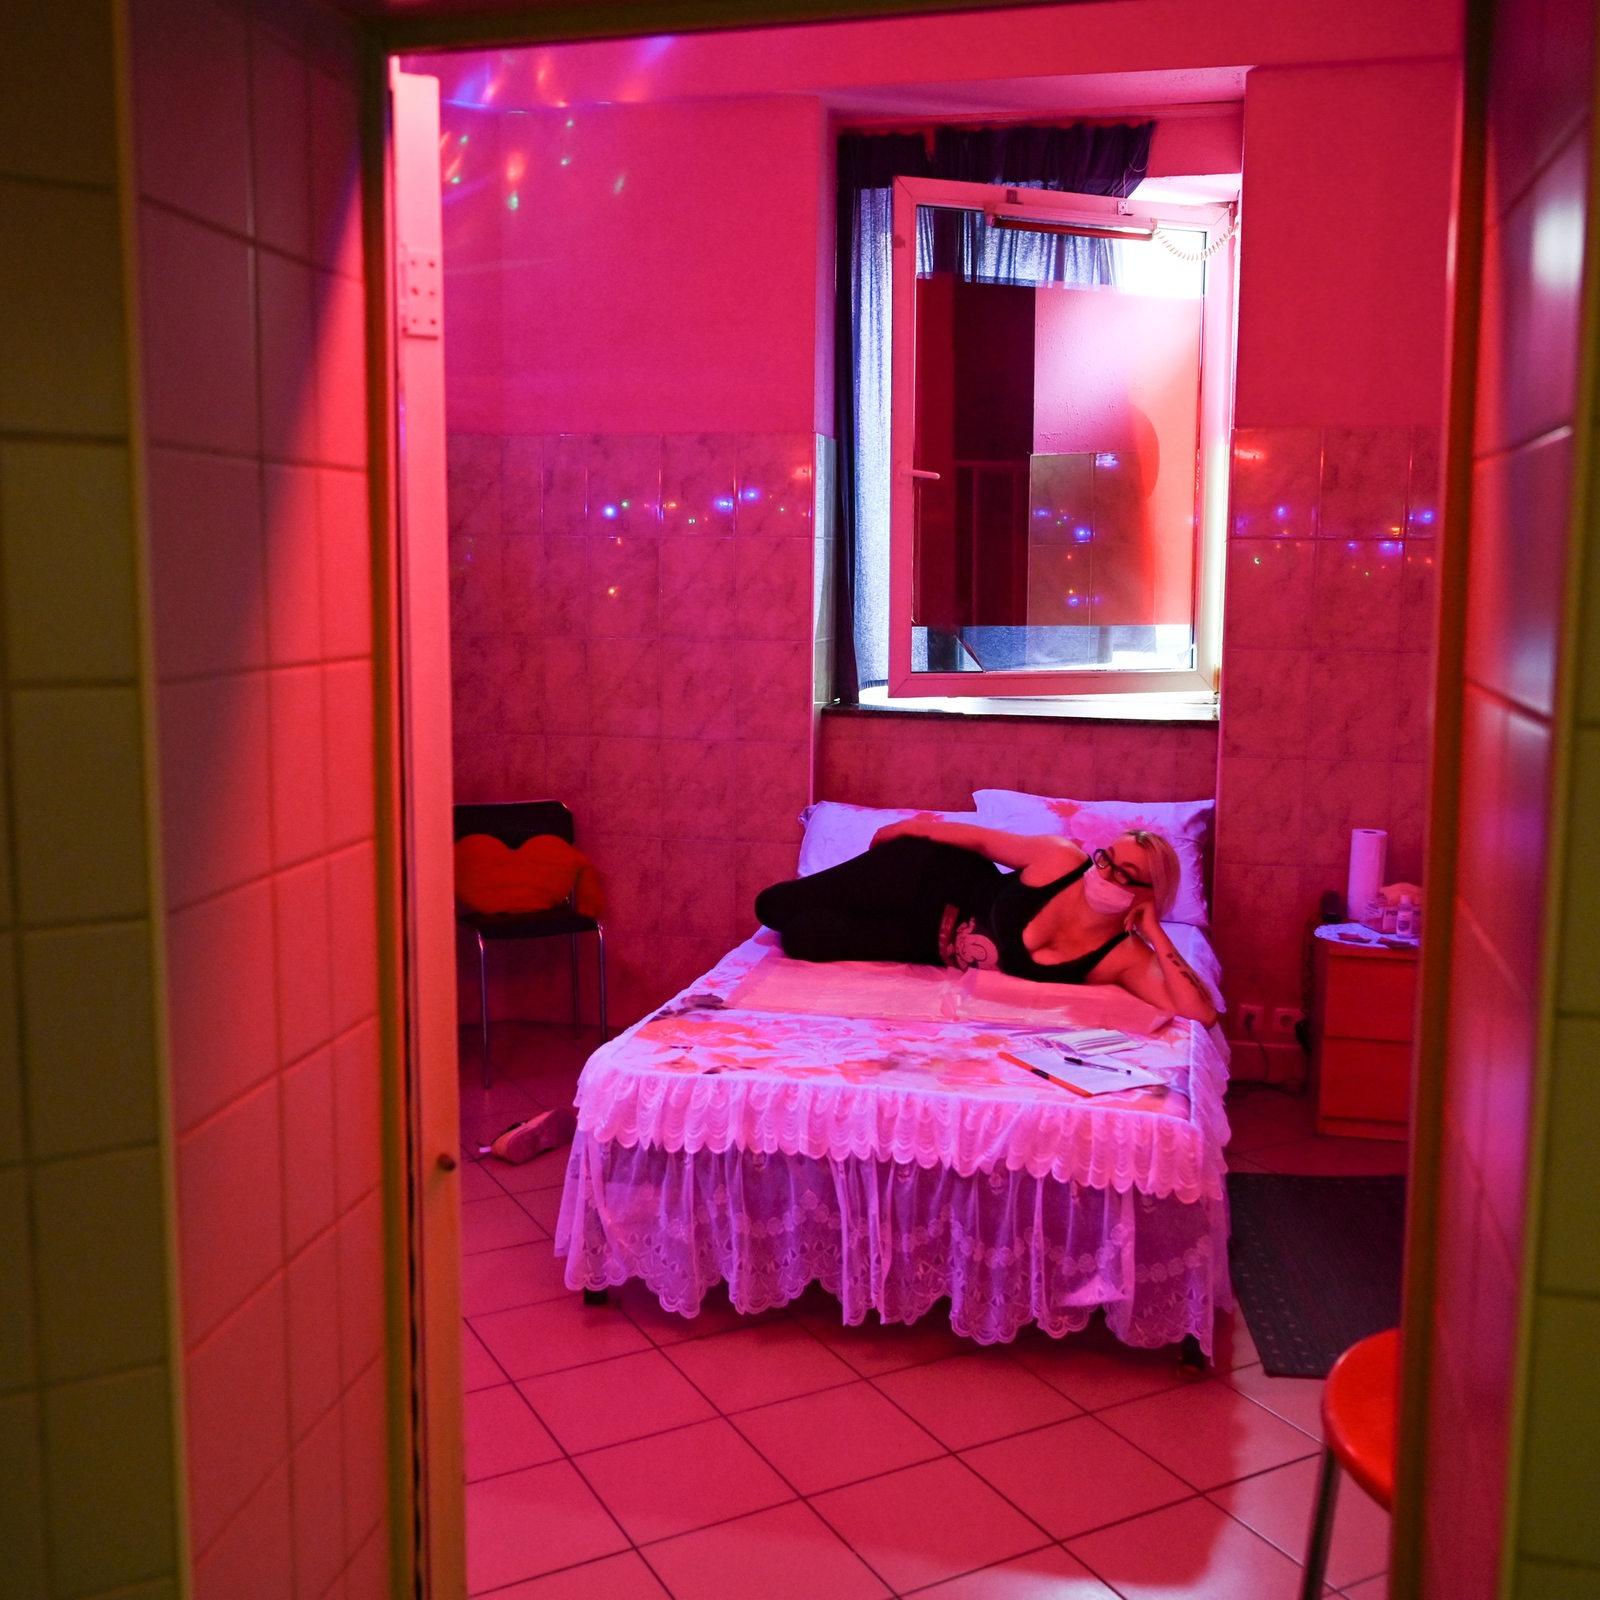 Bremen prostitution Prostitution in